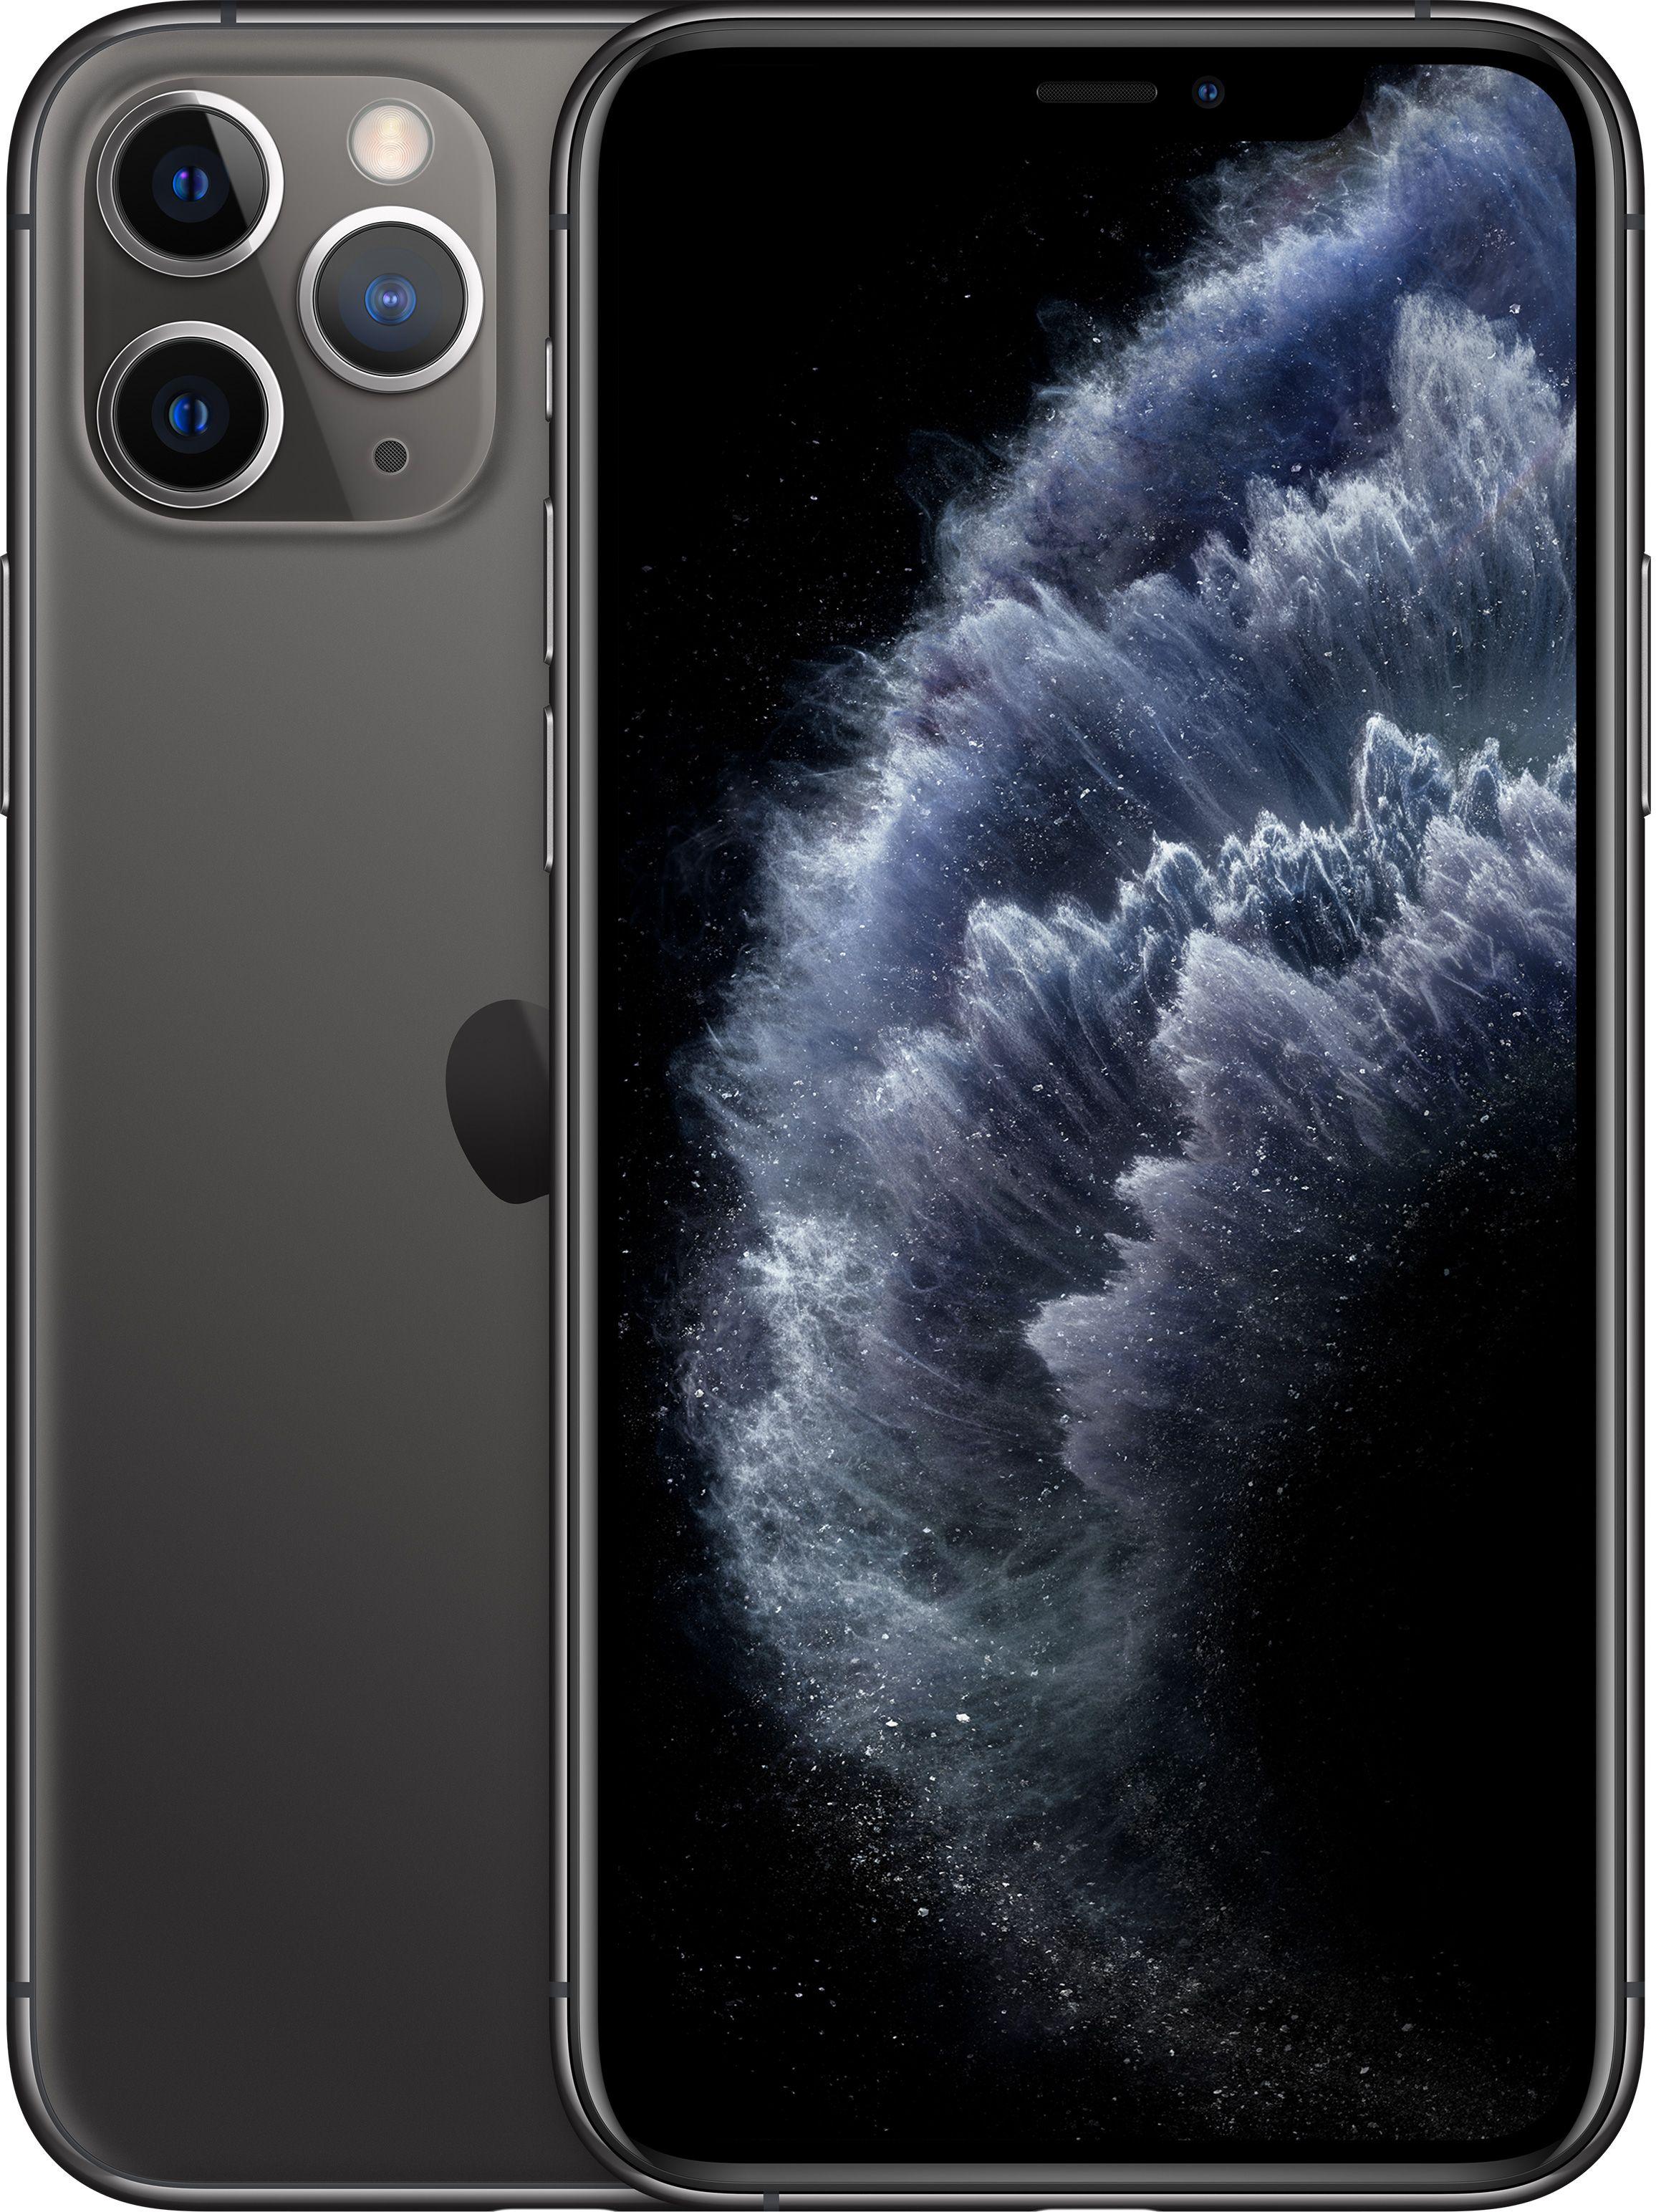 Мобильный телефон Apple iPhone 11 Pro 64GB (серый космос) фото